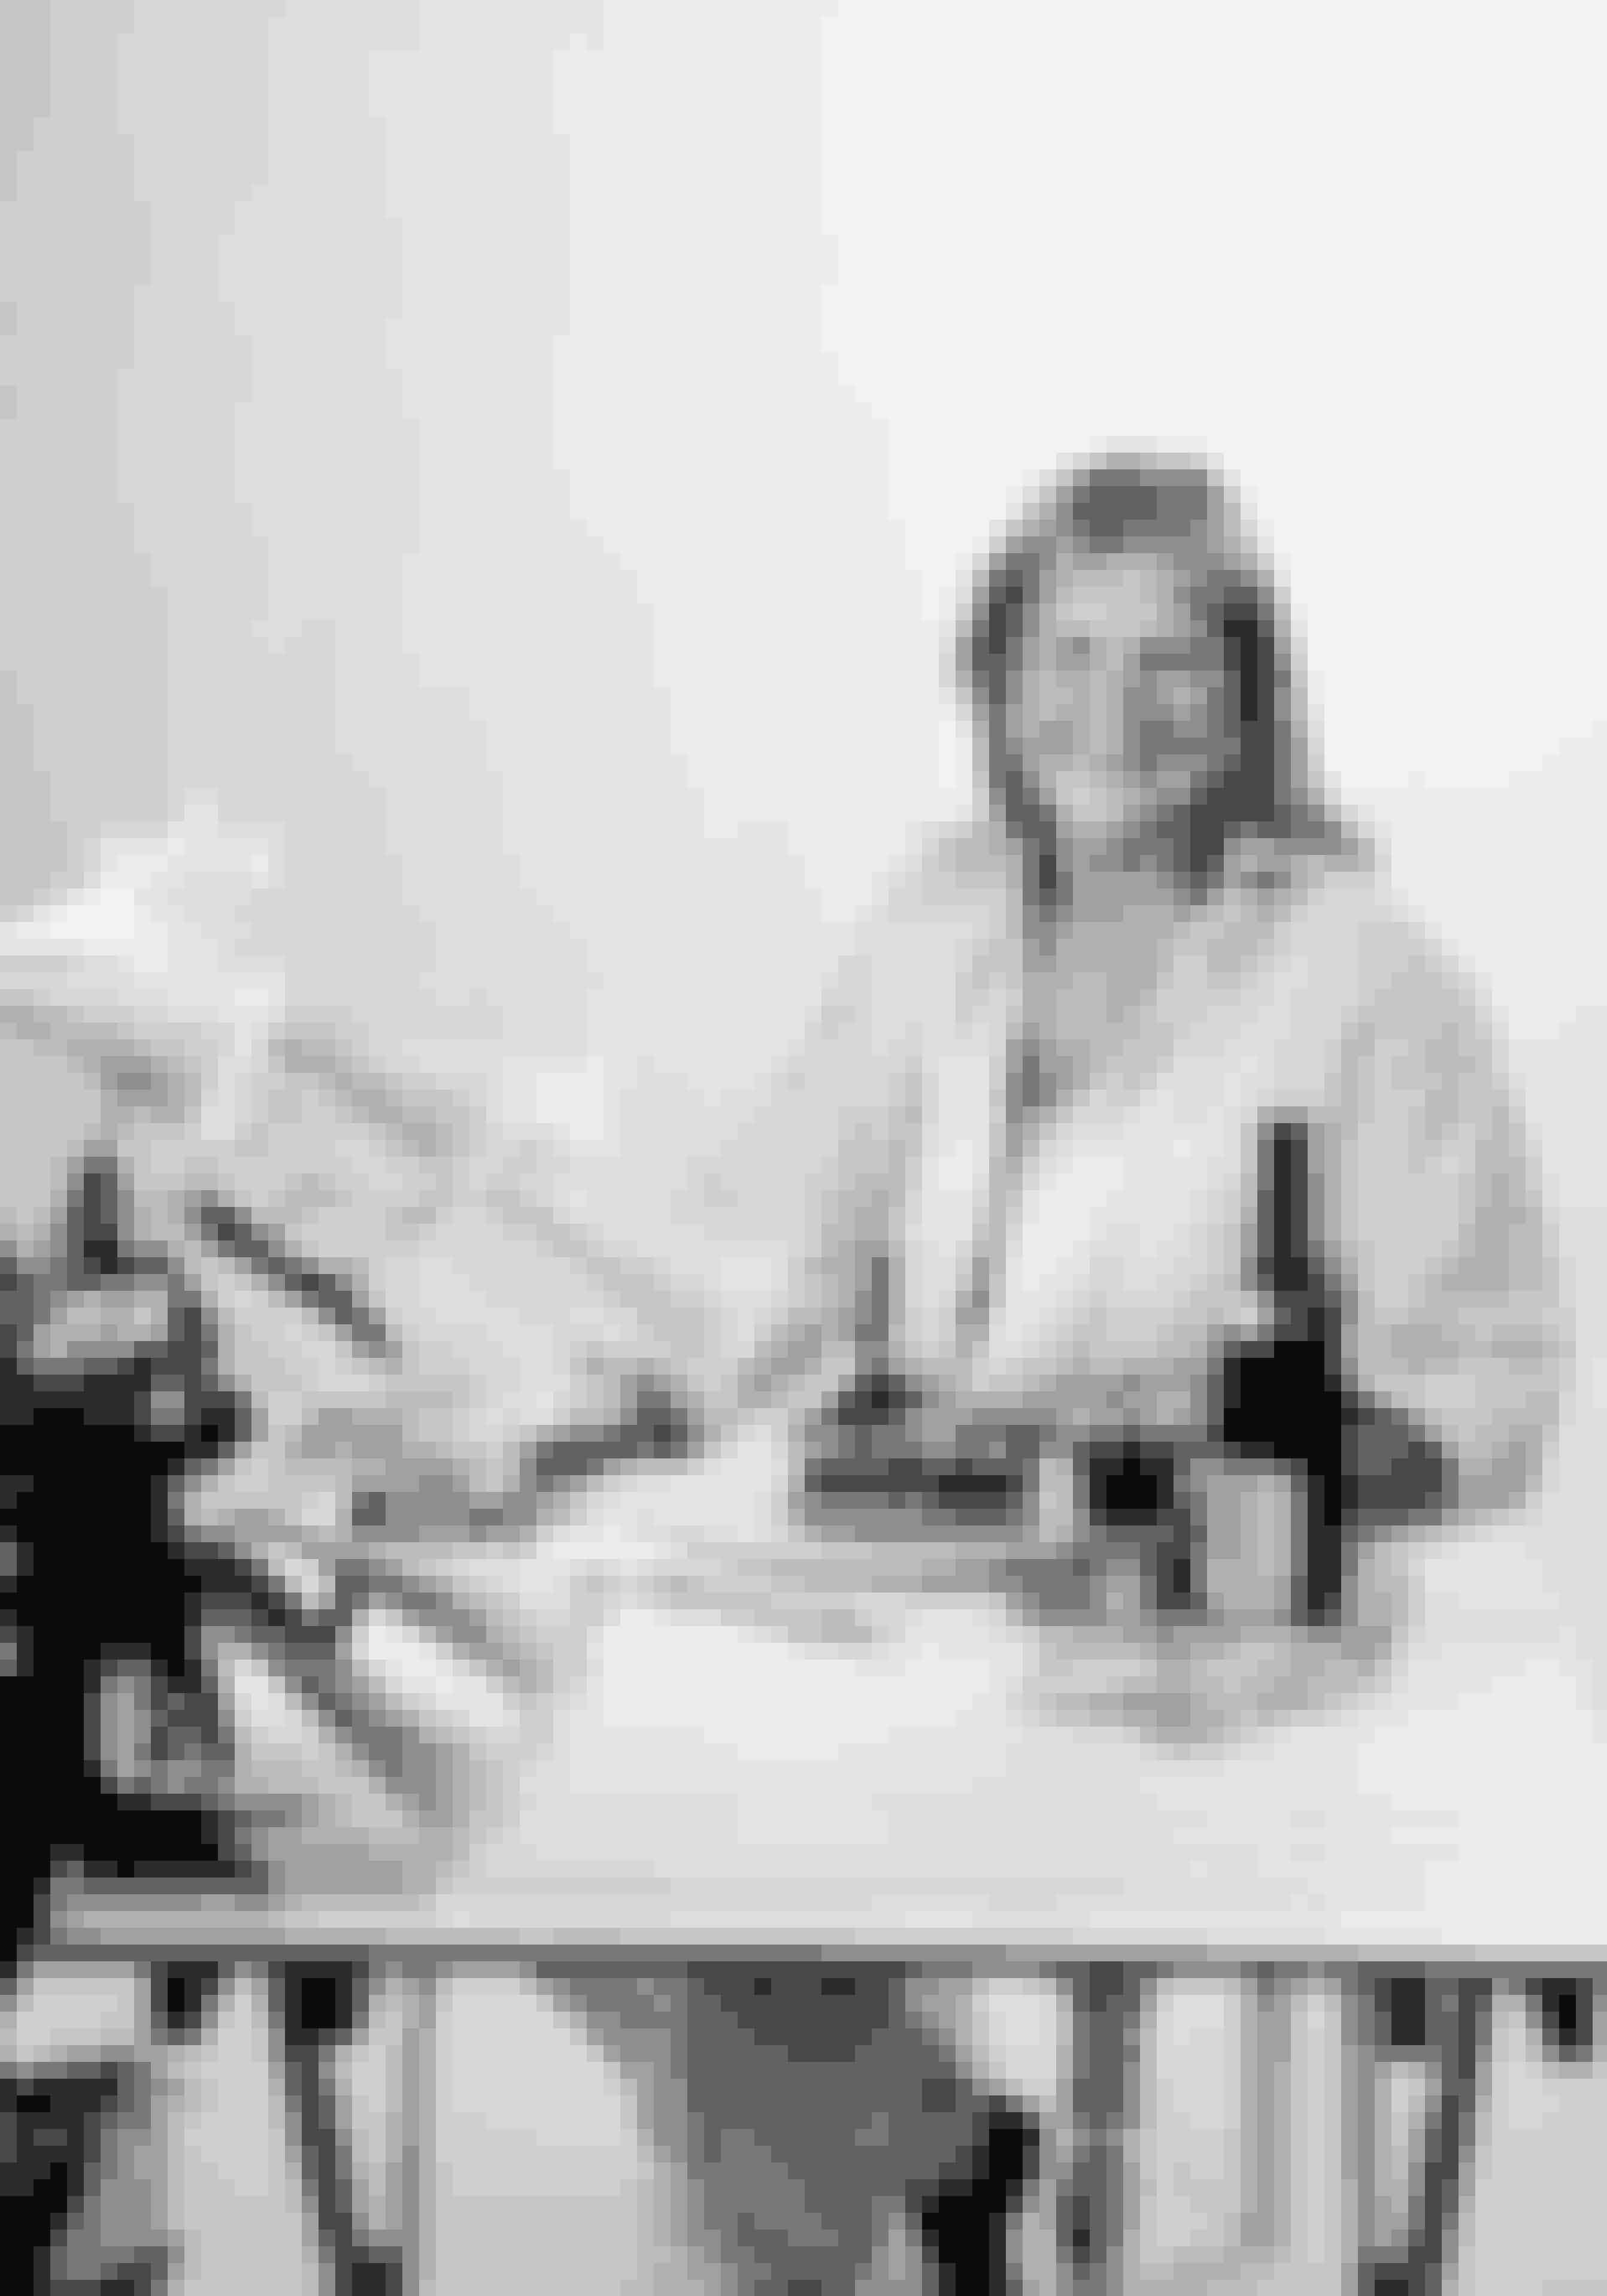 1997Skyl fedtet væk, lyder et af kogebogforfatteren Anne Larsens råd, da hun debuterer med bestselleren 'Fedtfattig kost', som sælger 175.000 eksemplarer og giver hende sit eget tv-program, 'Max 30%', på DR1.